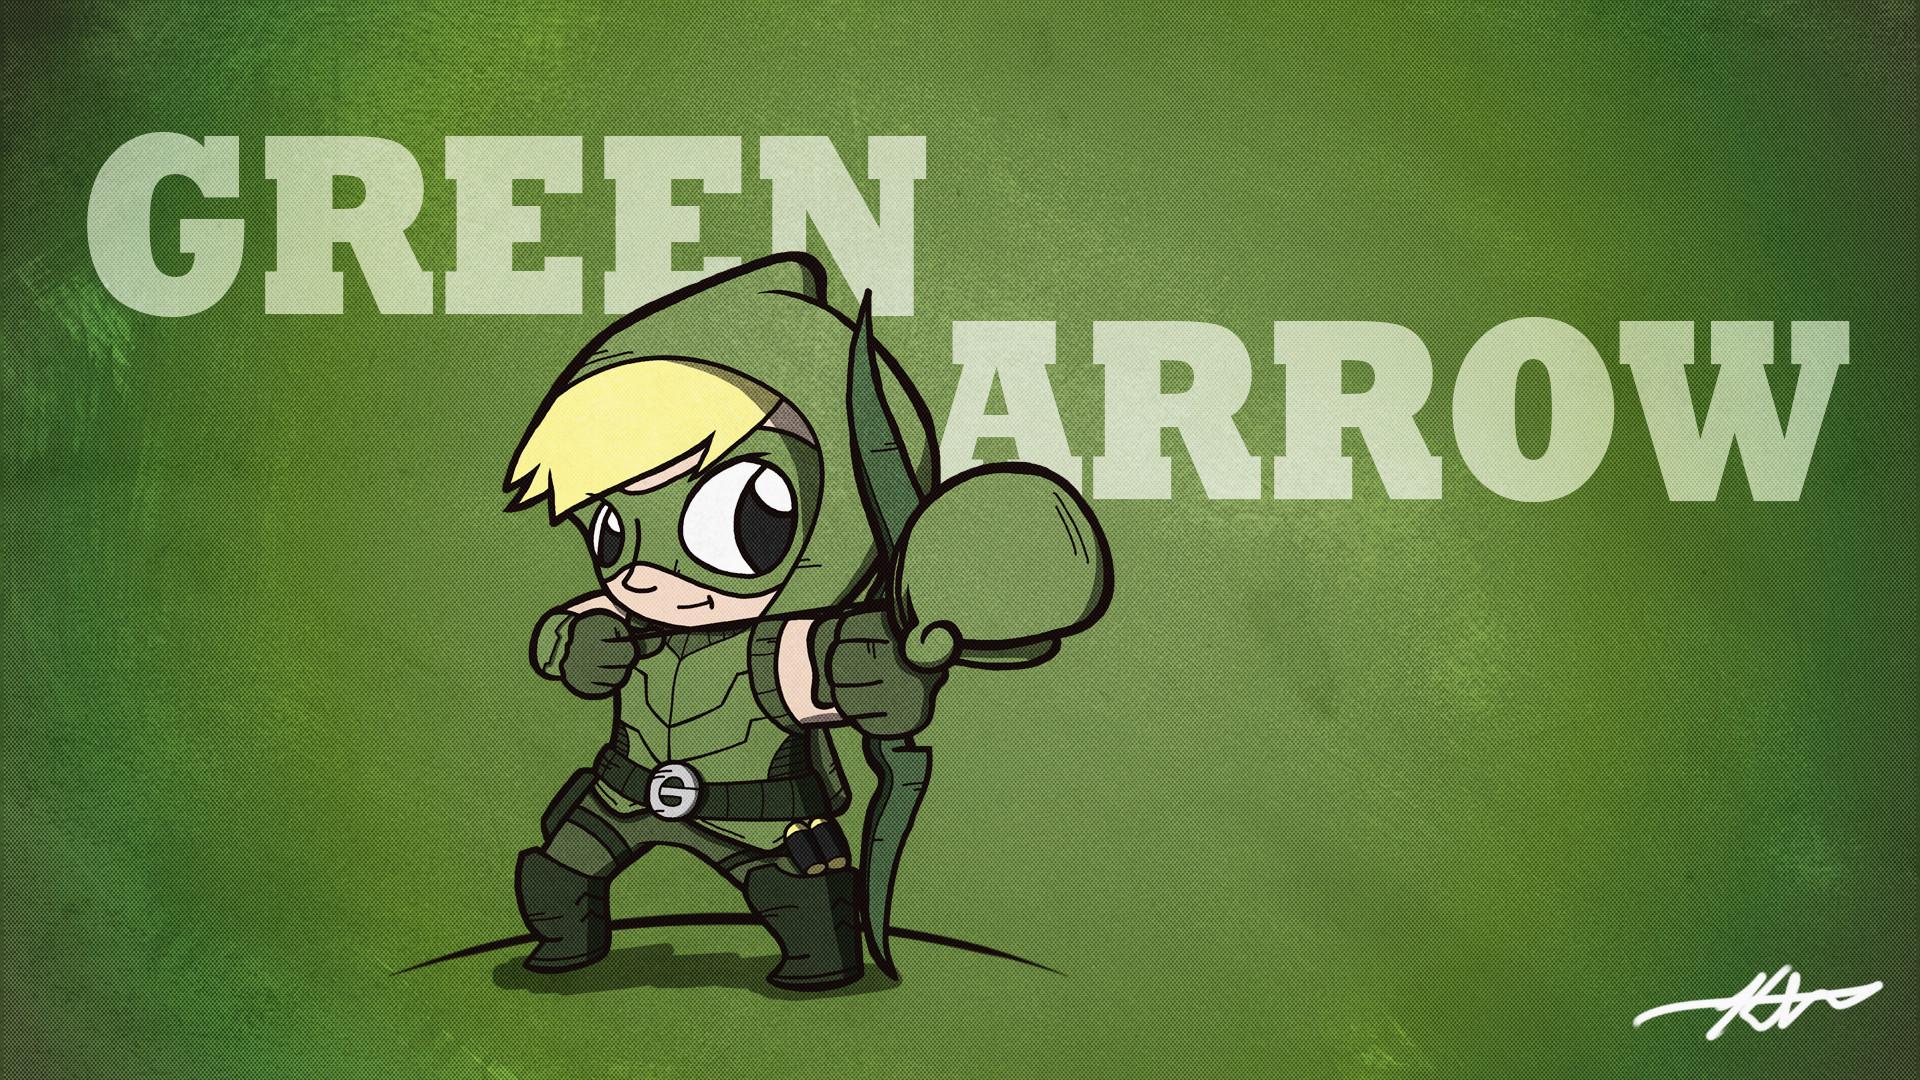 Green Arrow download wallpapers